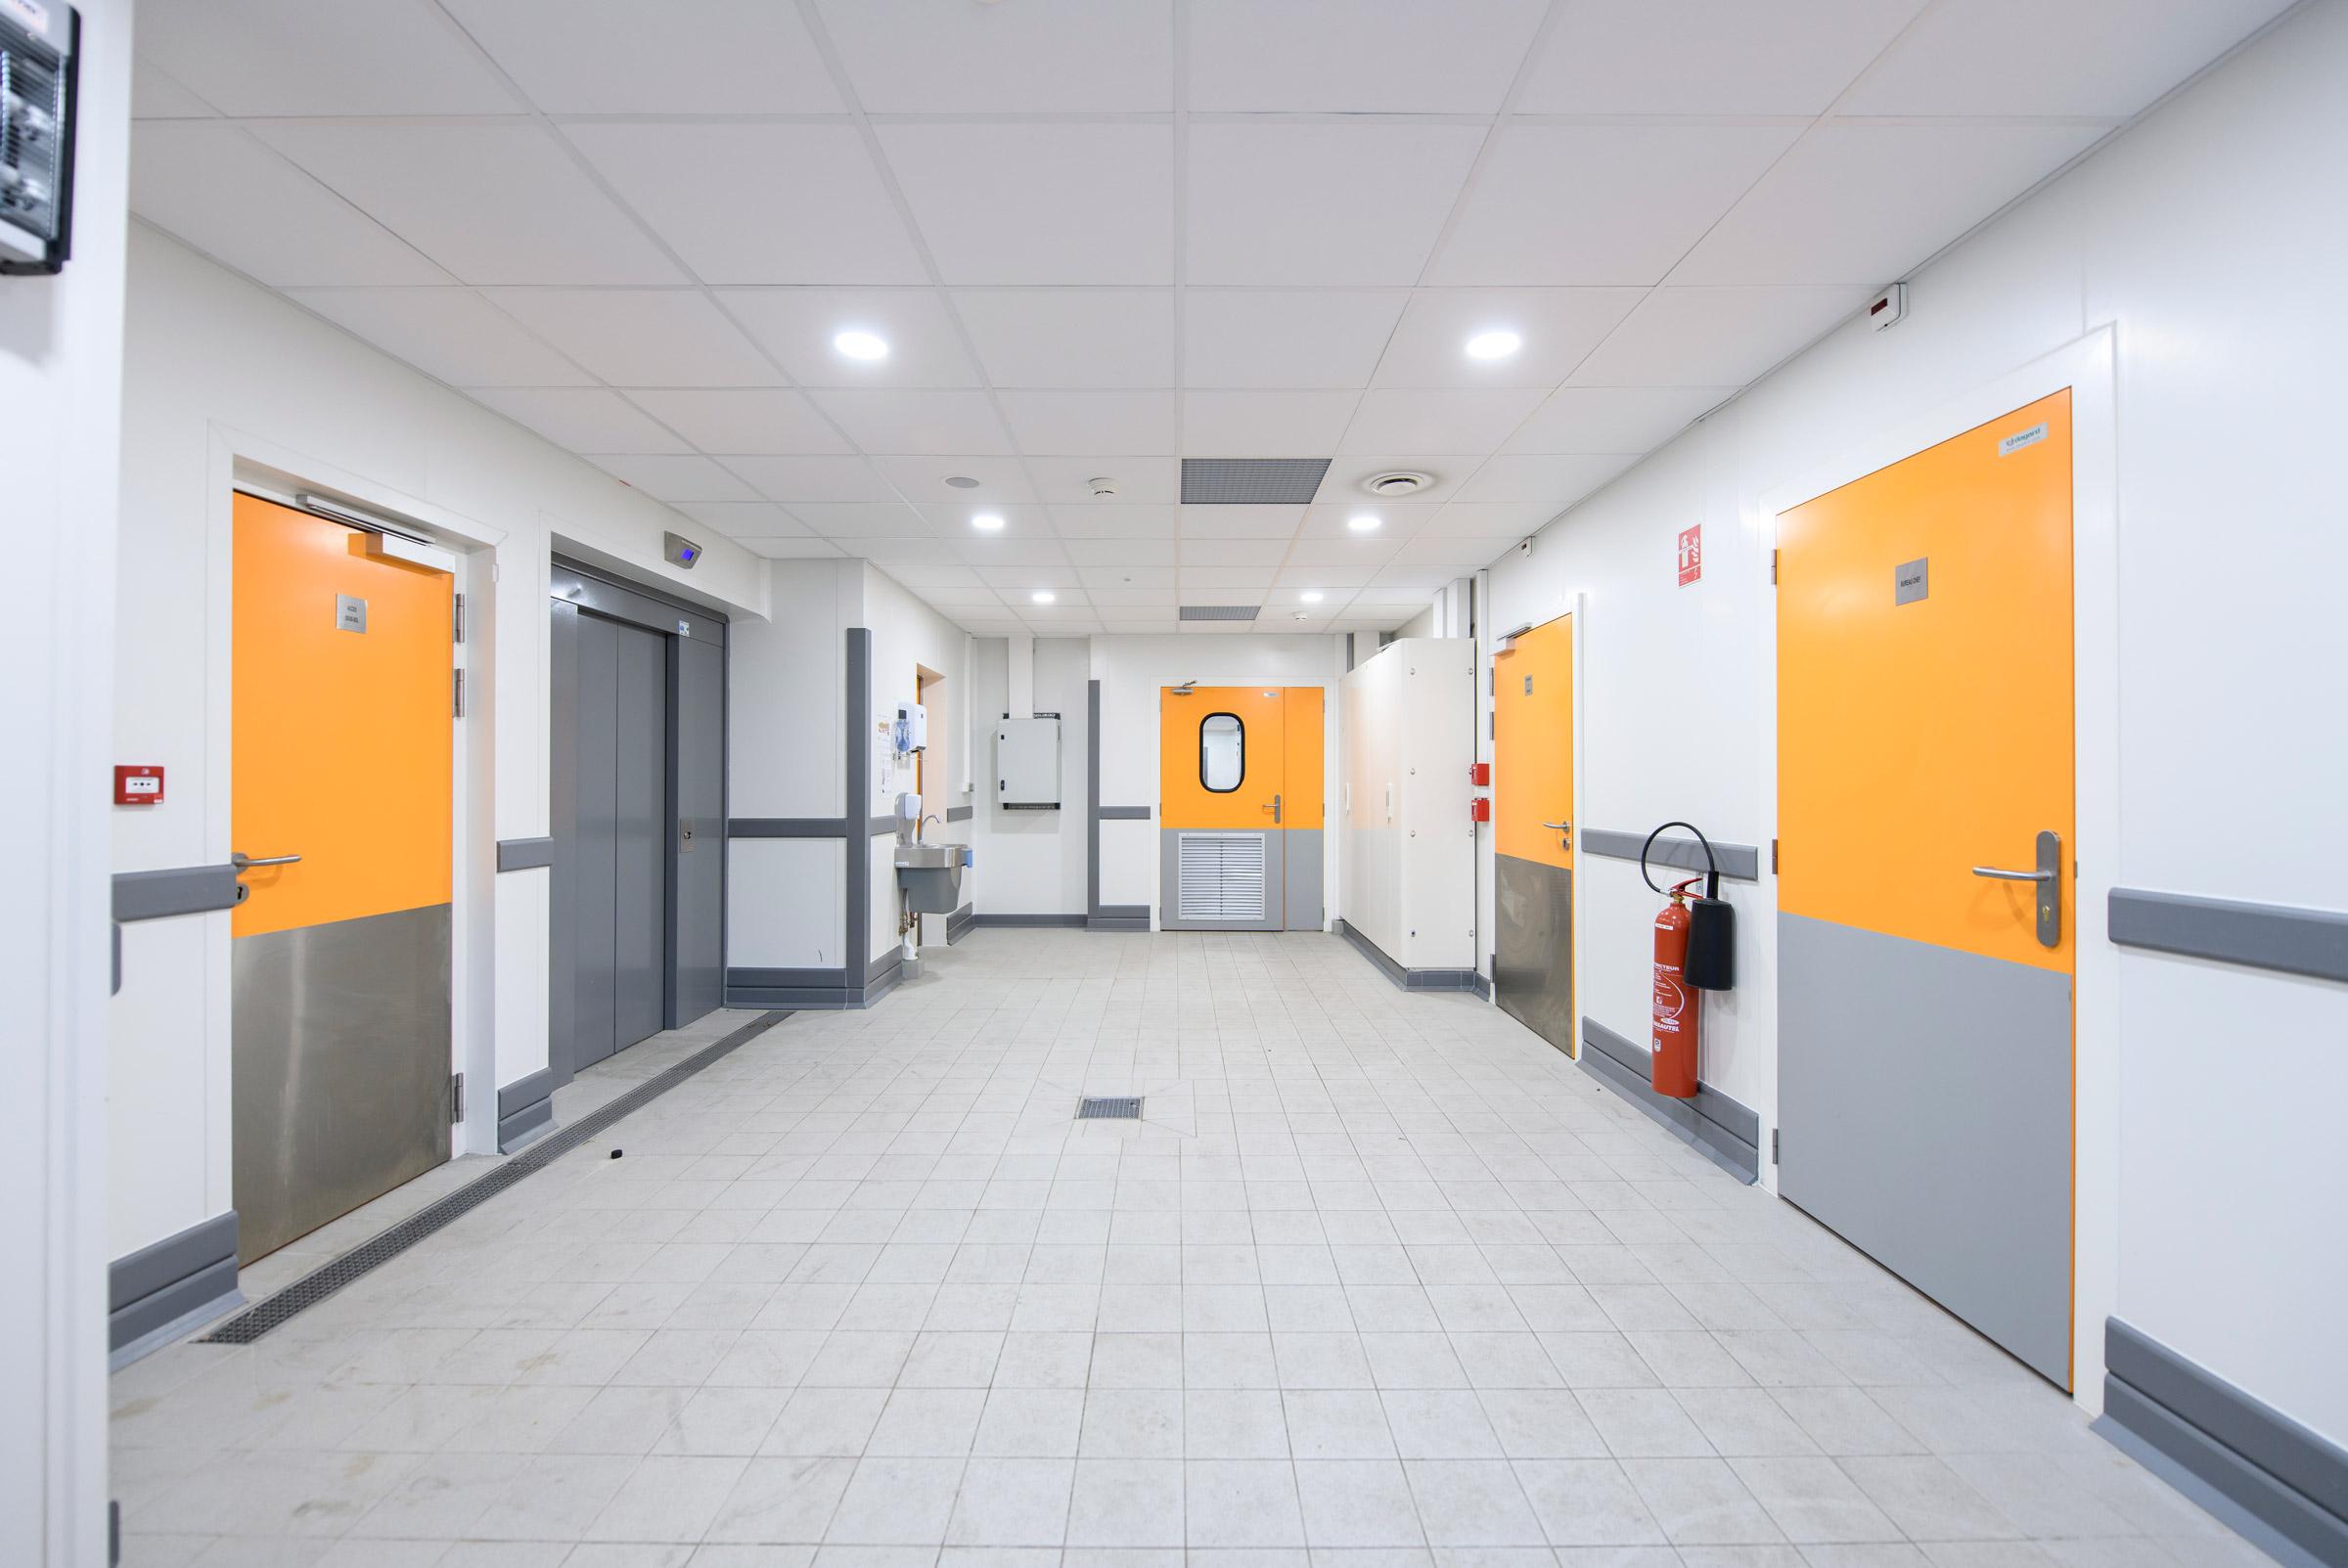 Eurexpo Lyon image